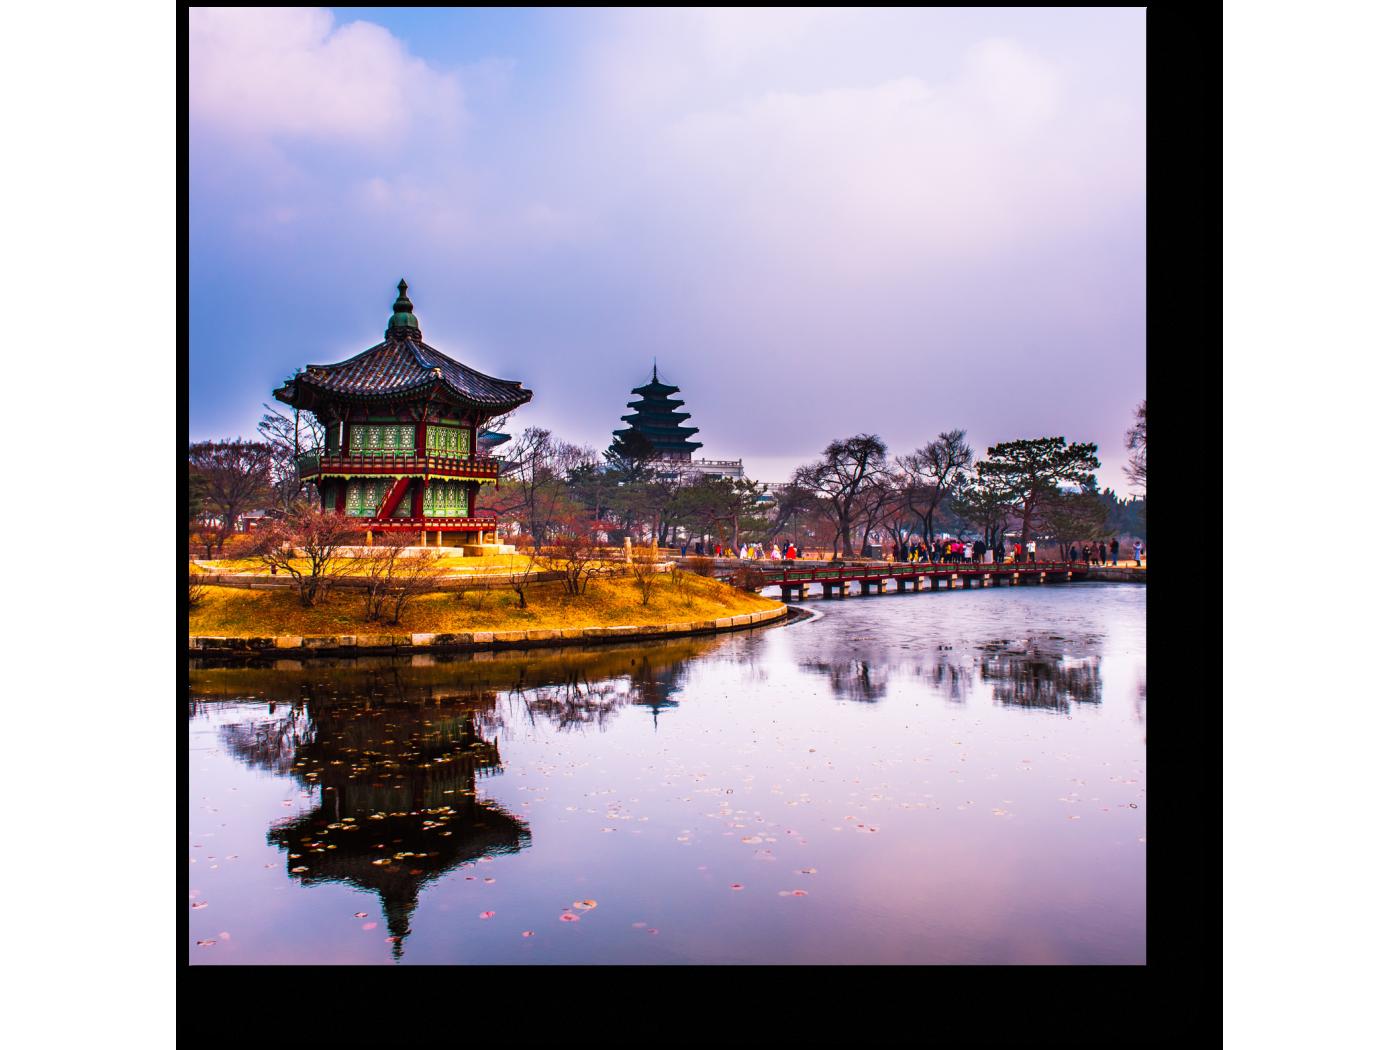 Модульная картина Дворцовый комплекс Кёнбоккун зимой, Сеул (20x20) фото